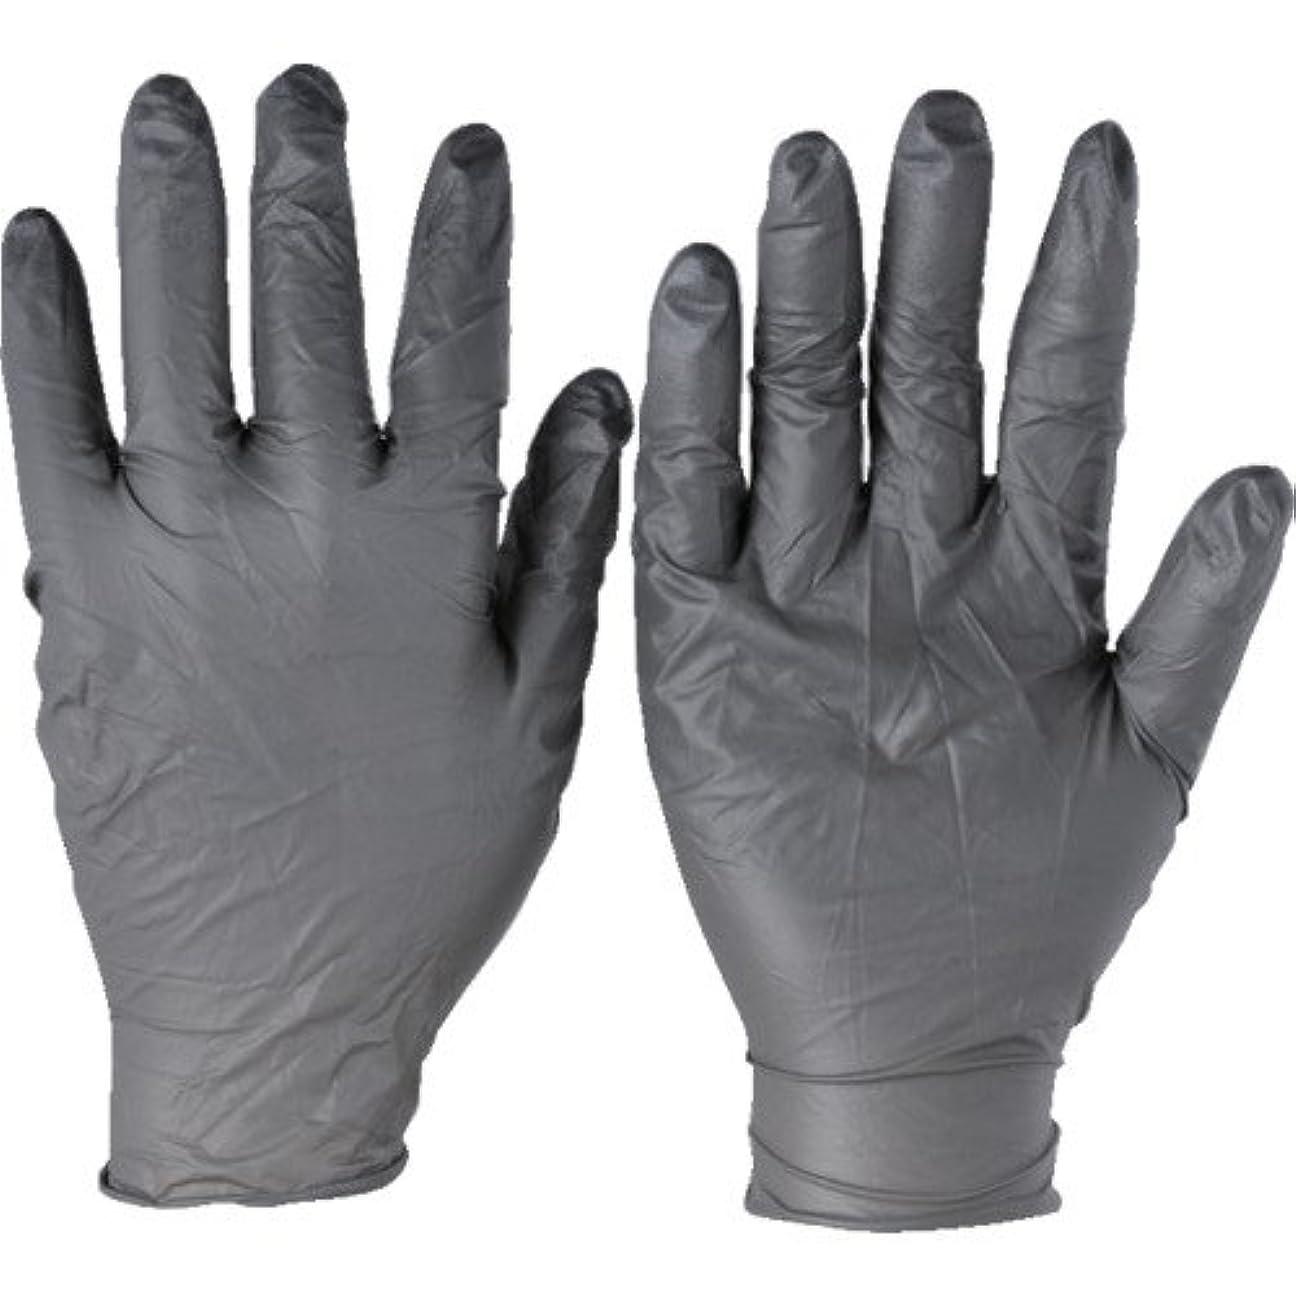 好ましい電球バットトラスコ中山 アンセル ニトリルゴム使い捨て手袋 タッチエヌタフ 粉無 Mサイズ 100枚入 932508